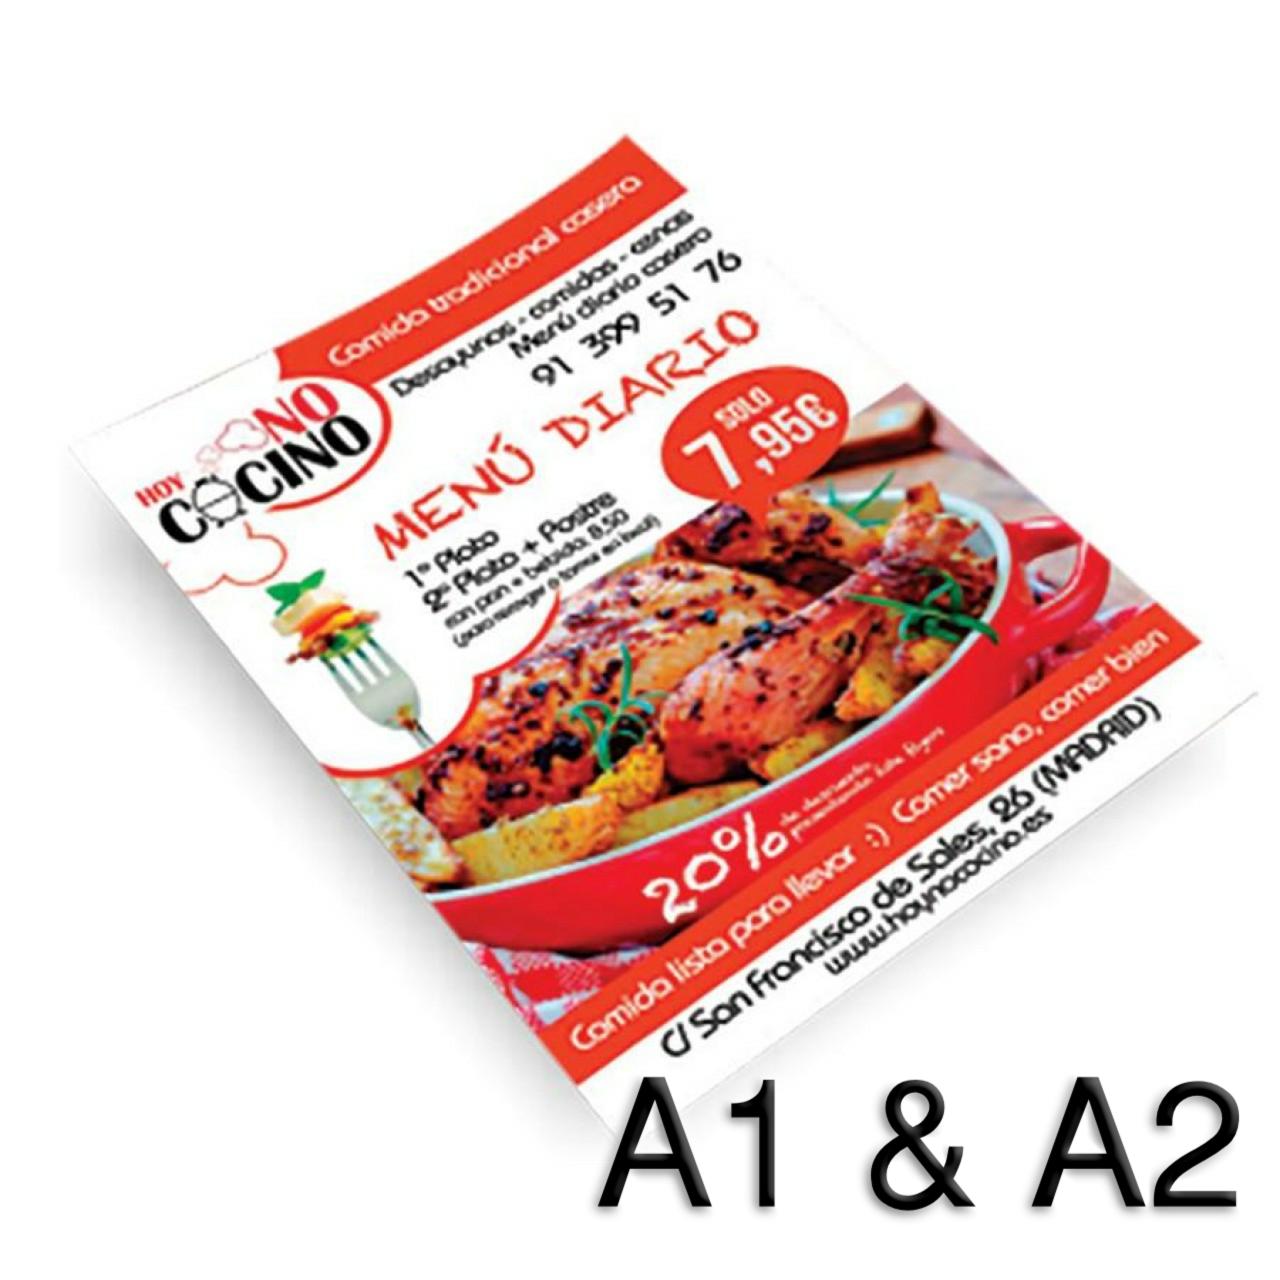 Flyer (A1 & A2)